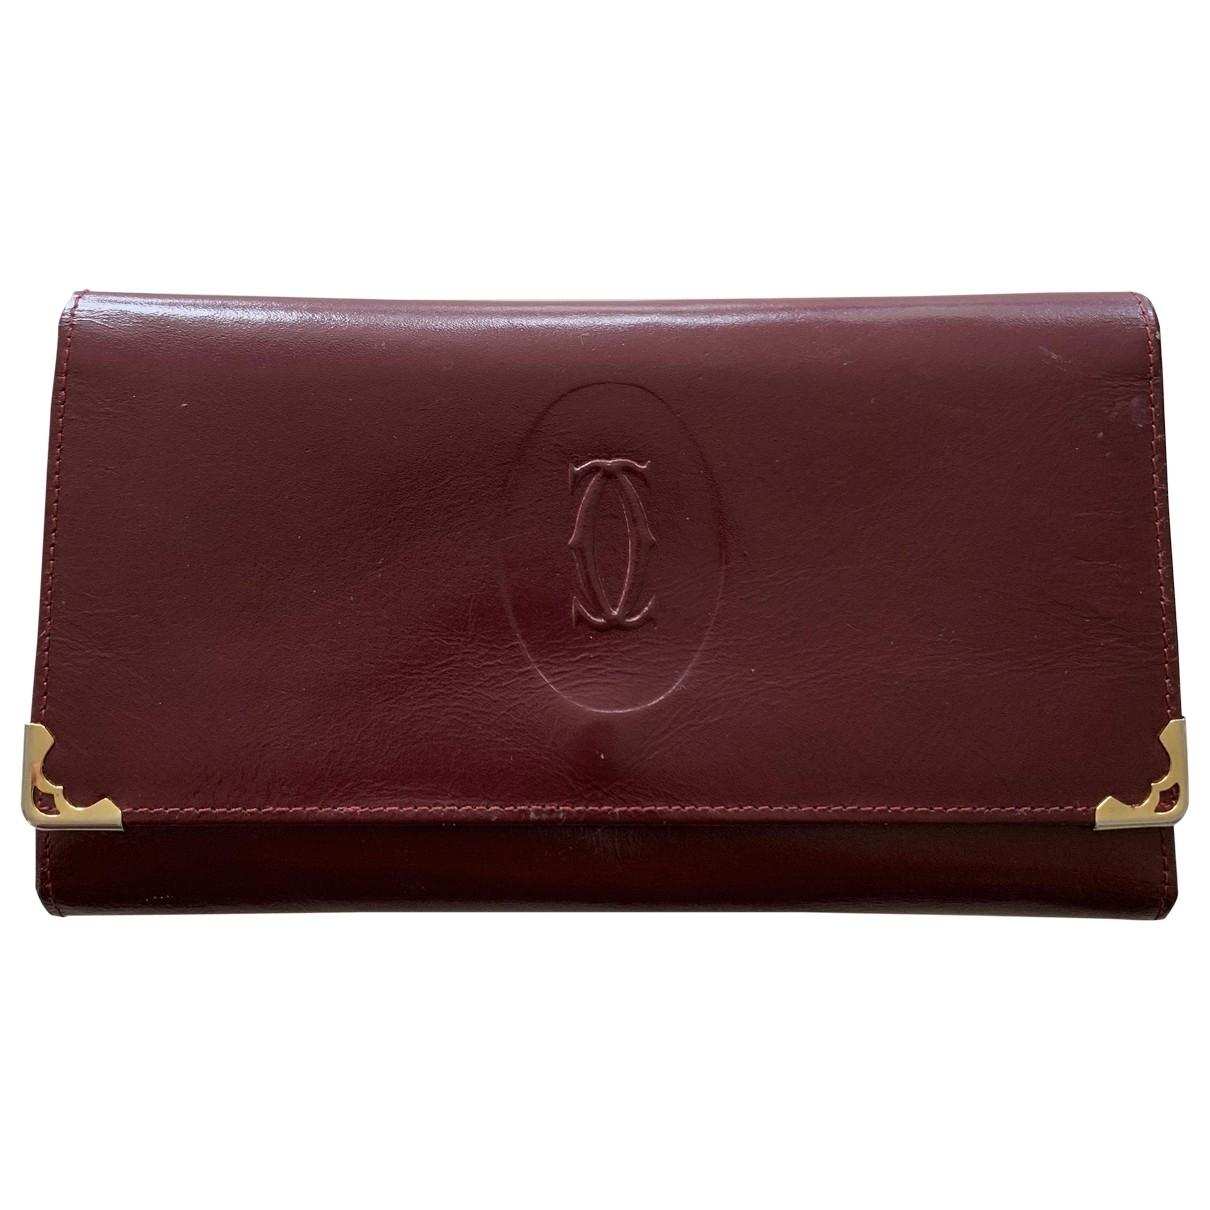 Cartier - Portefeuille   pour femme en cuir - bordeaux